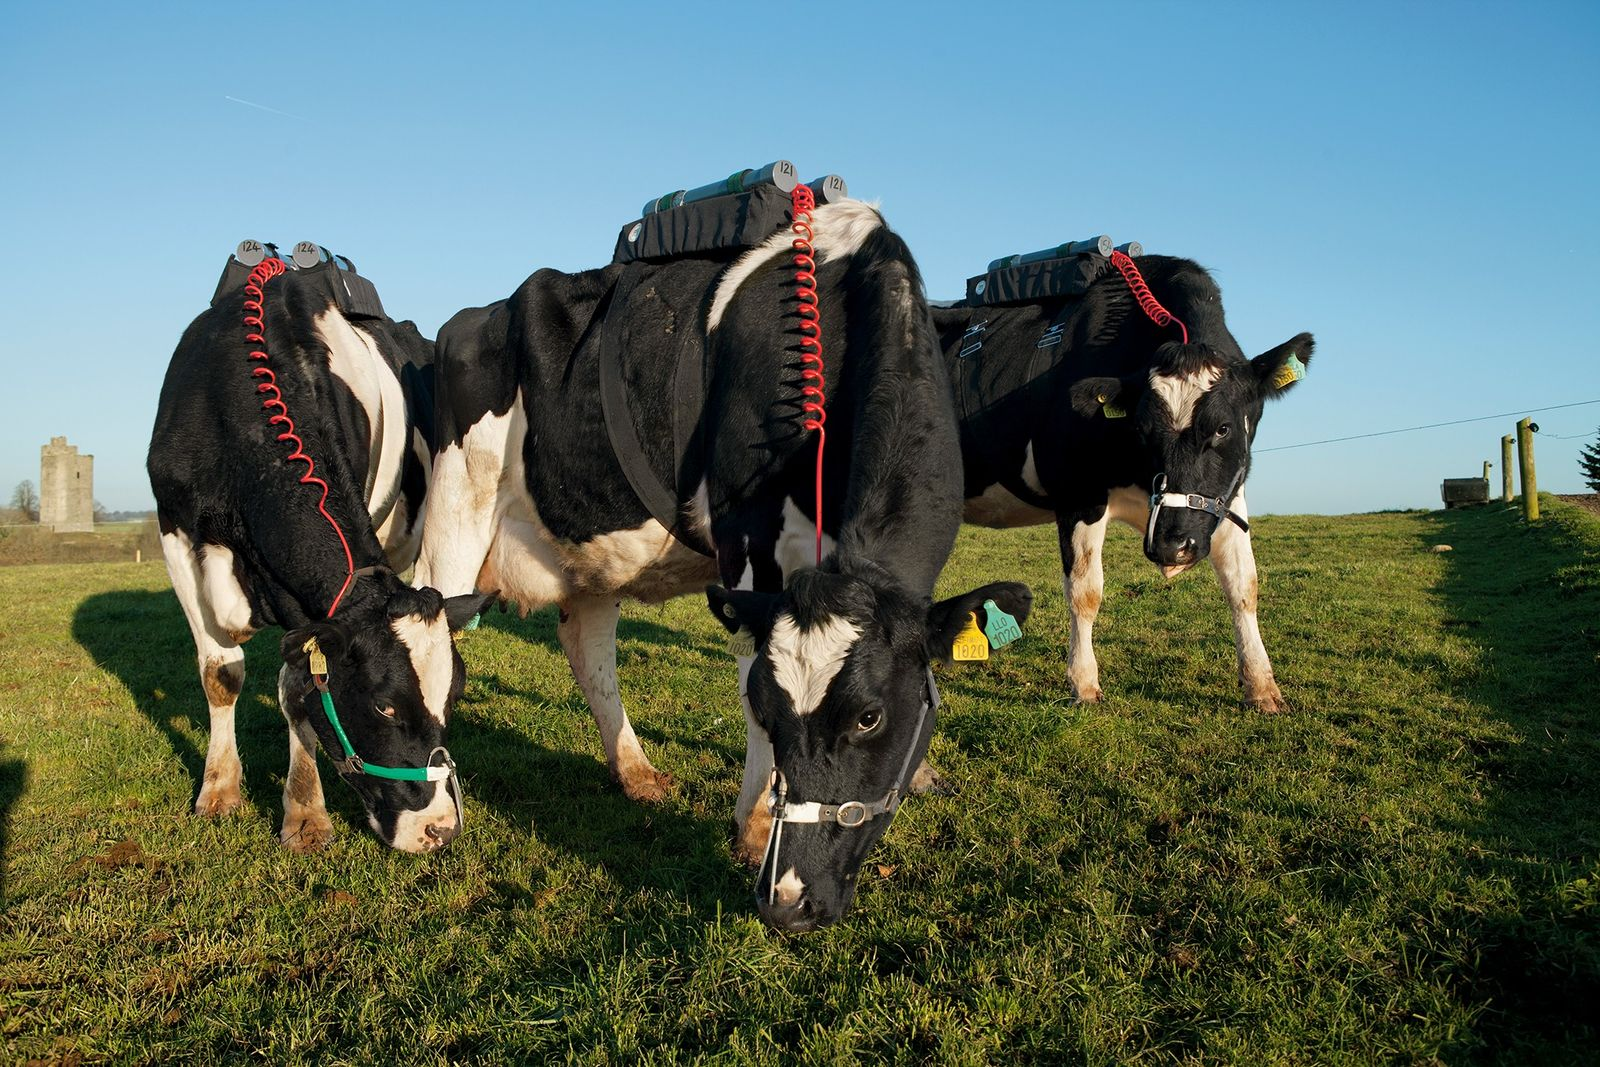 In Fermoy im irischen County Cork wird das Methan gemessen, das Kühe auf einer Weide ausstoßen.